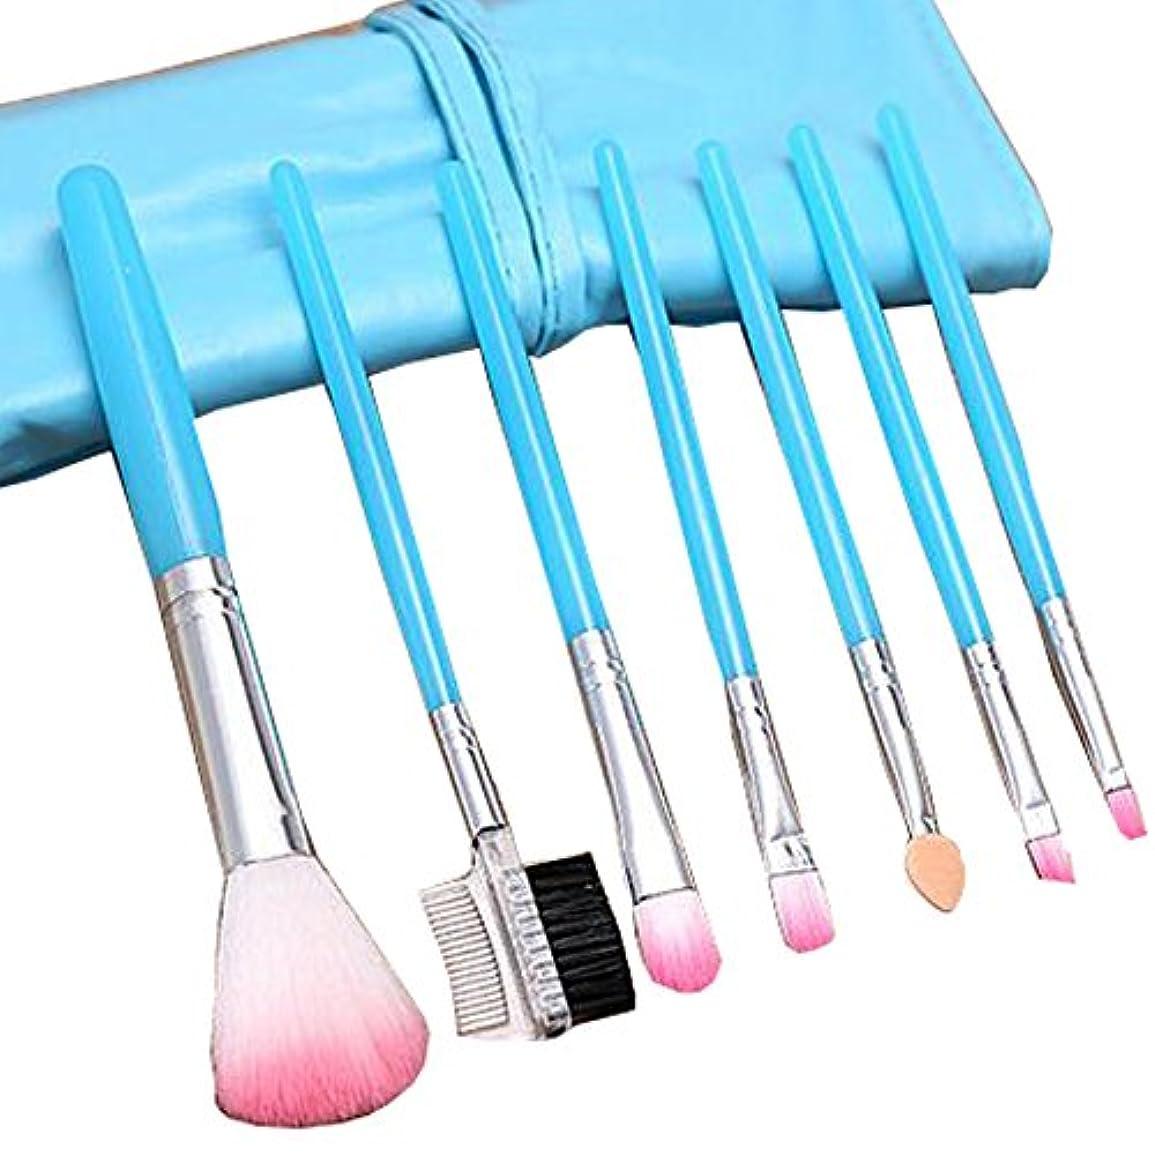 気性柔和抜け目のないポータブルメイクブラシツール化粧品基礎メイクブラシセット